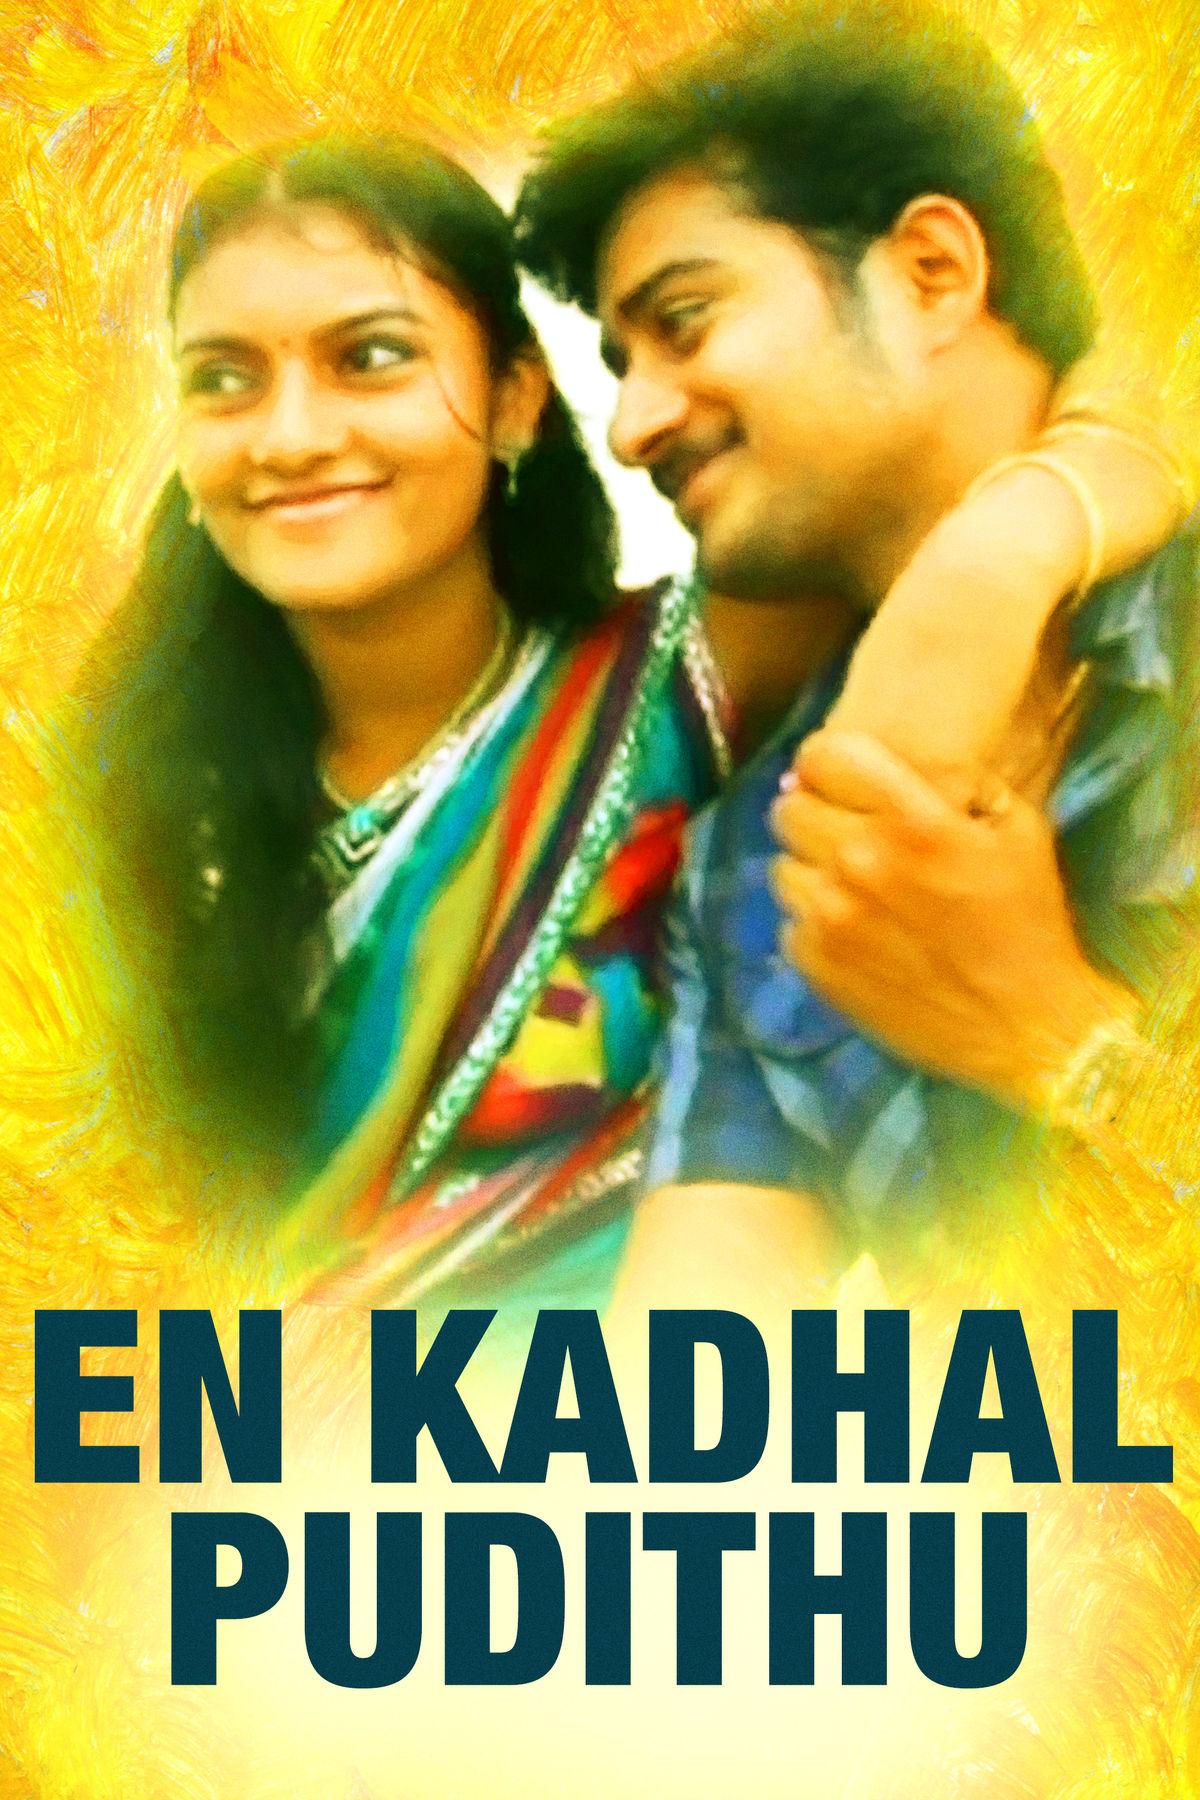 En Kadhal Pudithu